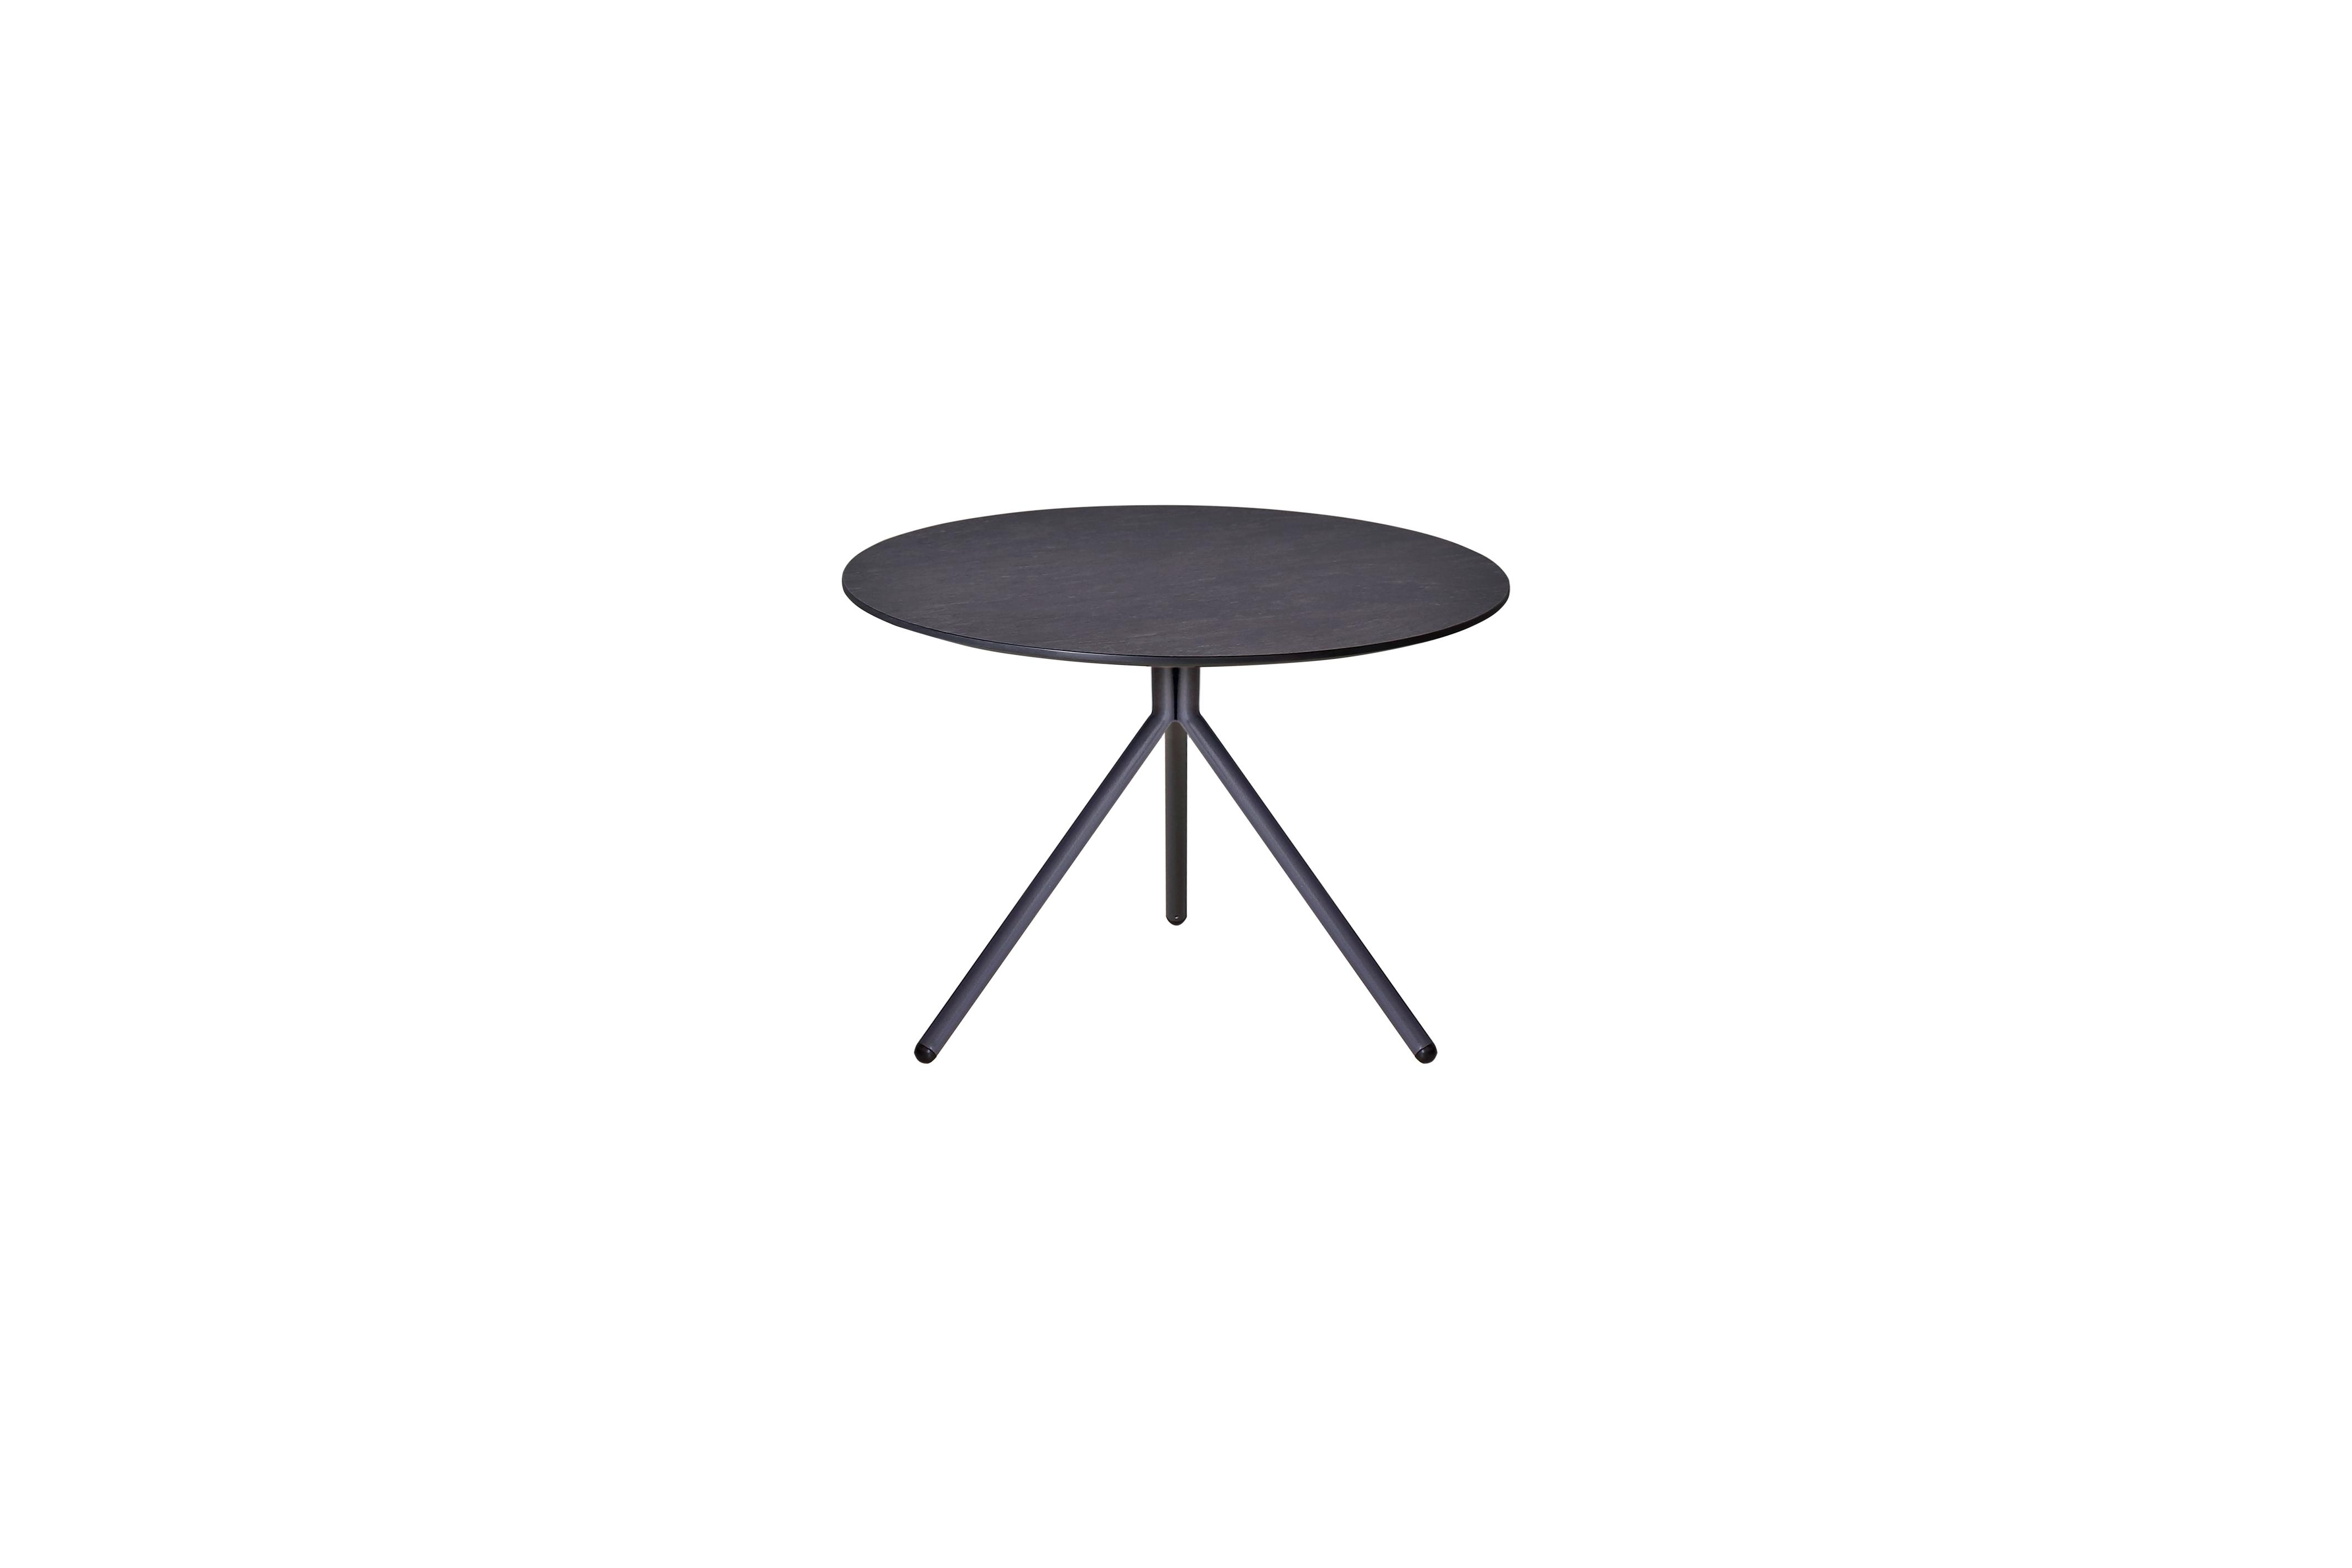 MAMAGREEN_BON13_BONO_low_table_dia_54_cm_aluminum_hpl